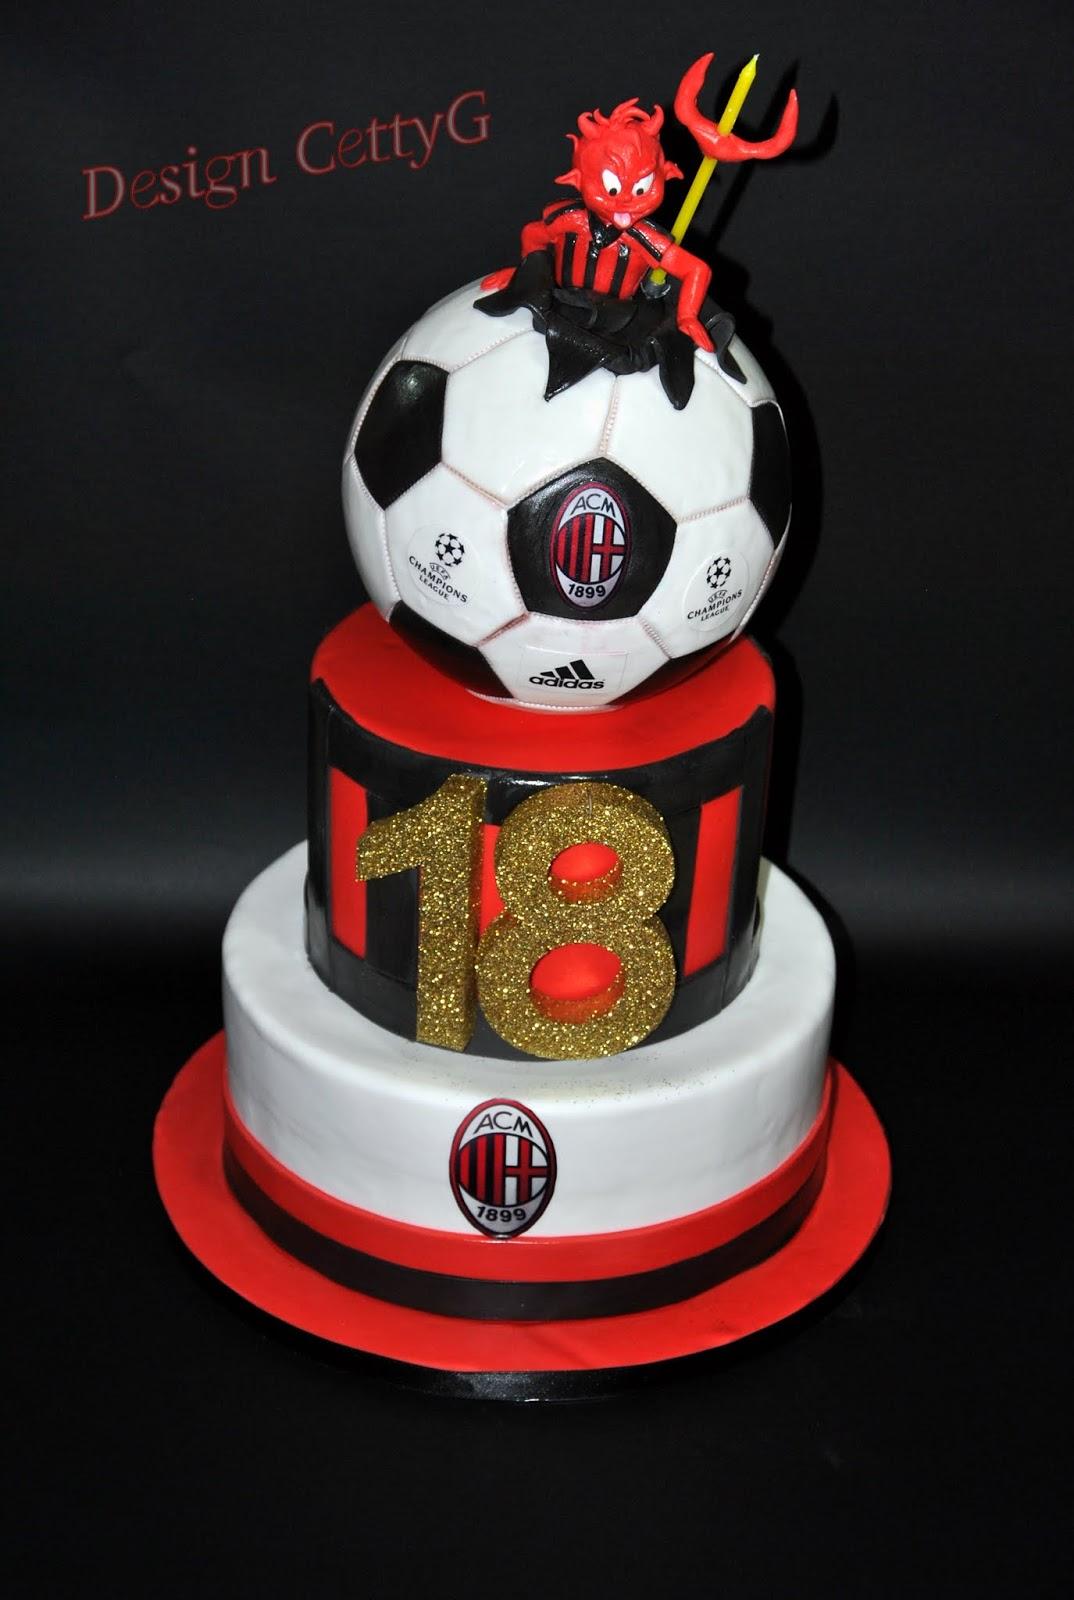 abbastanza Le torte decorate di Cetty G: 18 anni torta Milan TW57